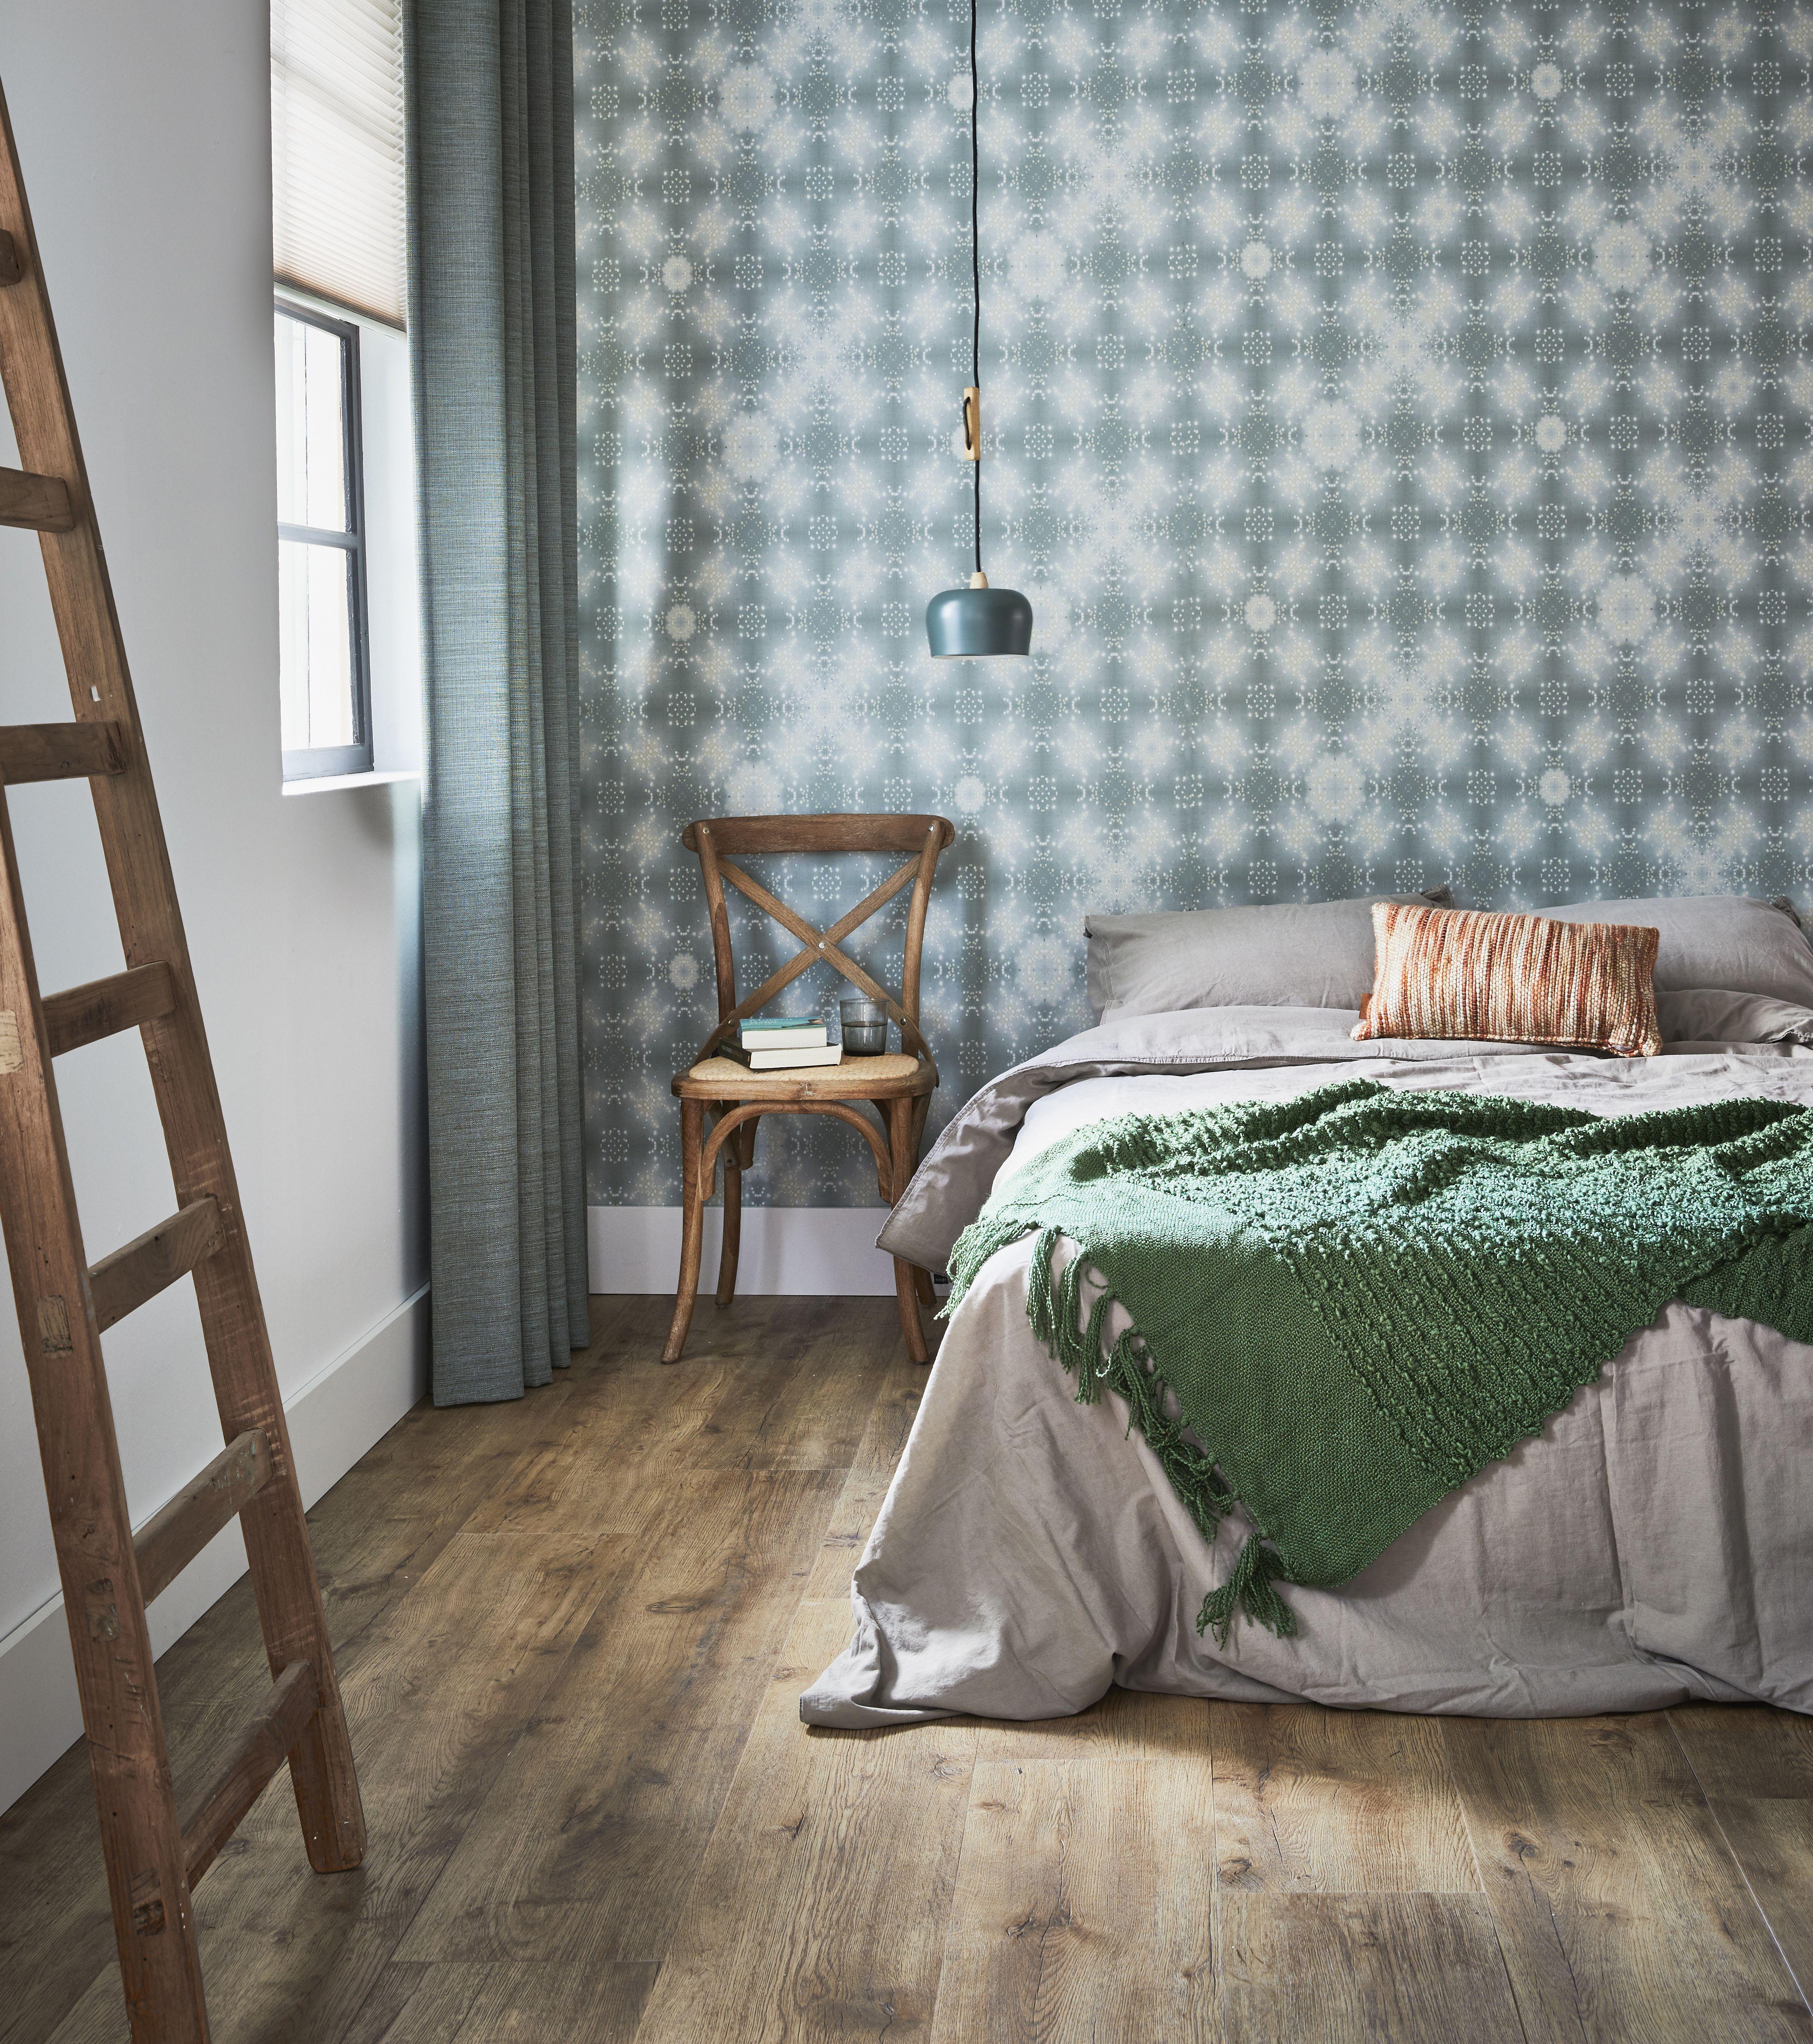 Home Made By Stijl Barn - Voorjaar 2018 - Slaapkamer -